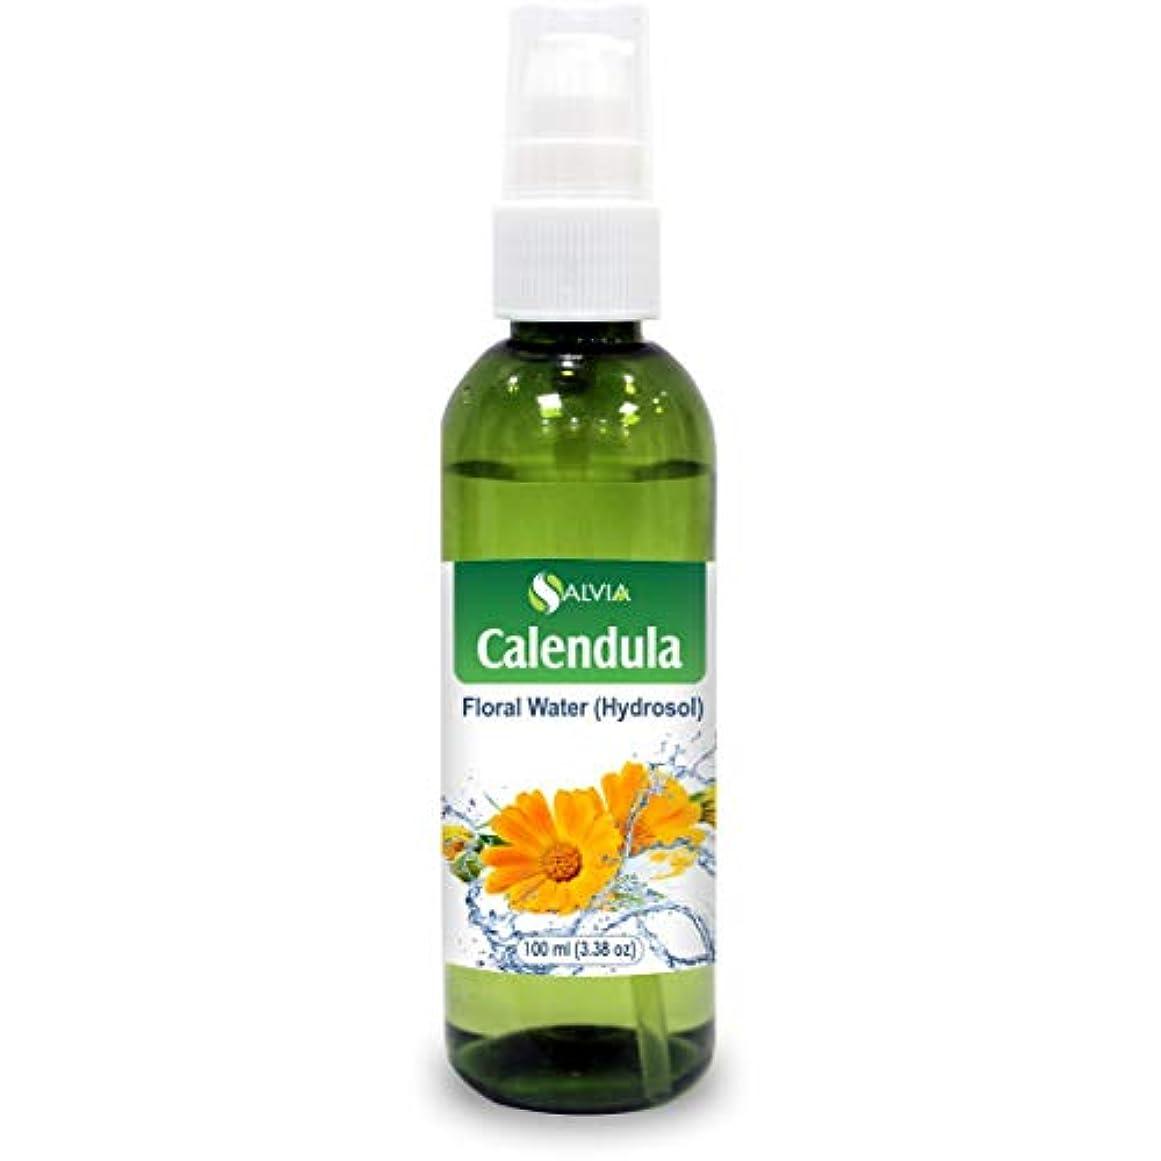 弾丸ファックス海洋Calendula Floral Floral Water 100ml (Hydrosol) 100% Pure And Natural